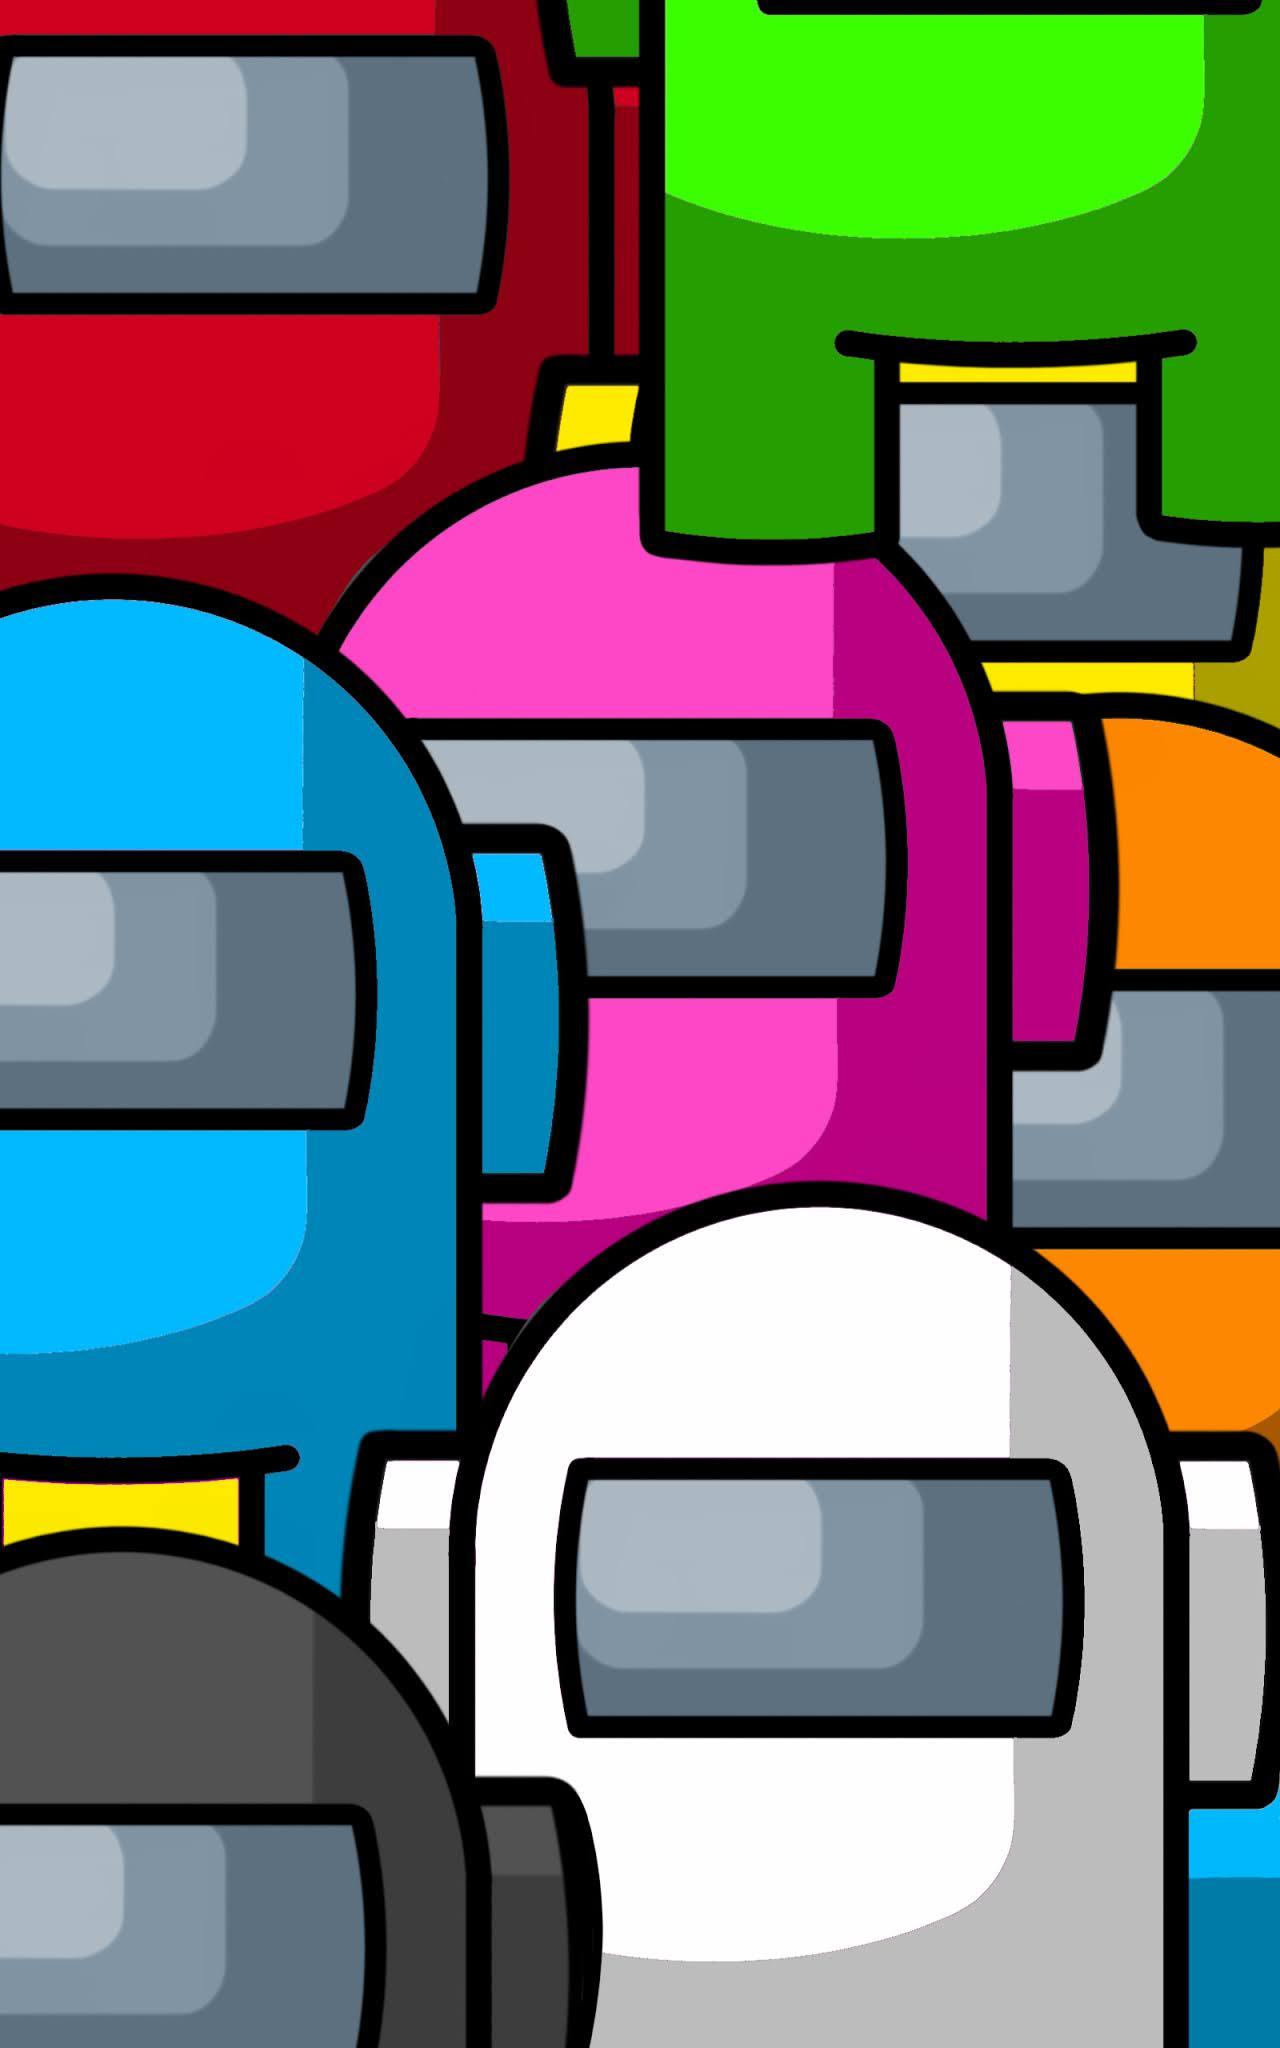 Among us game mobile wallpaper